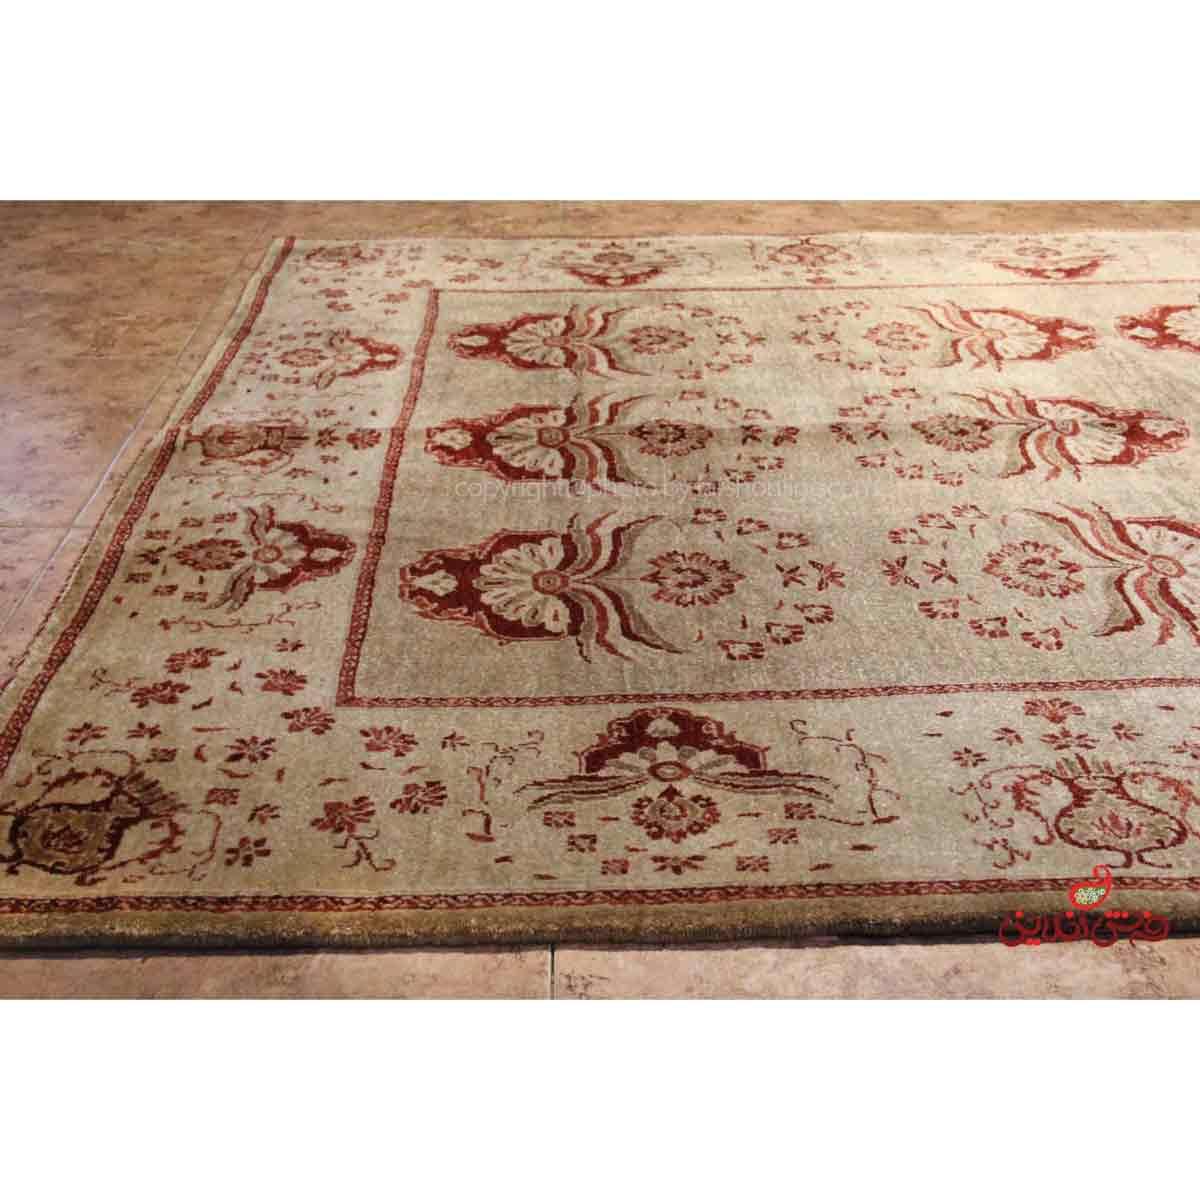 فرش دستباف کردستان نقره ای کد 107793